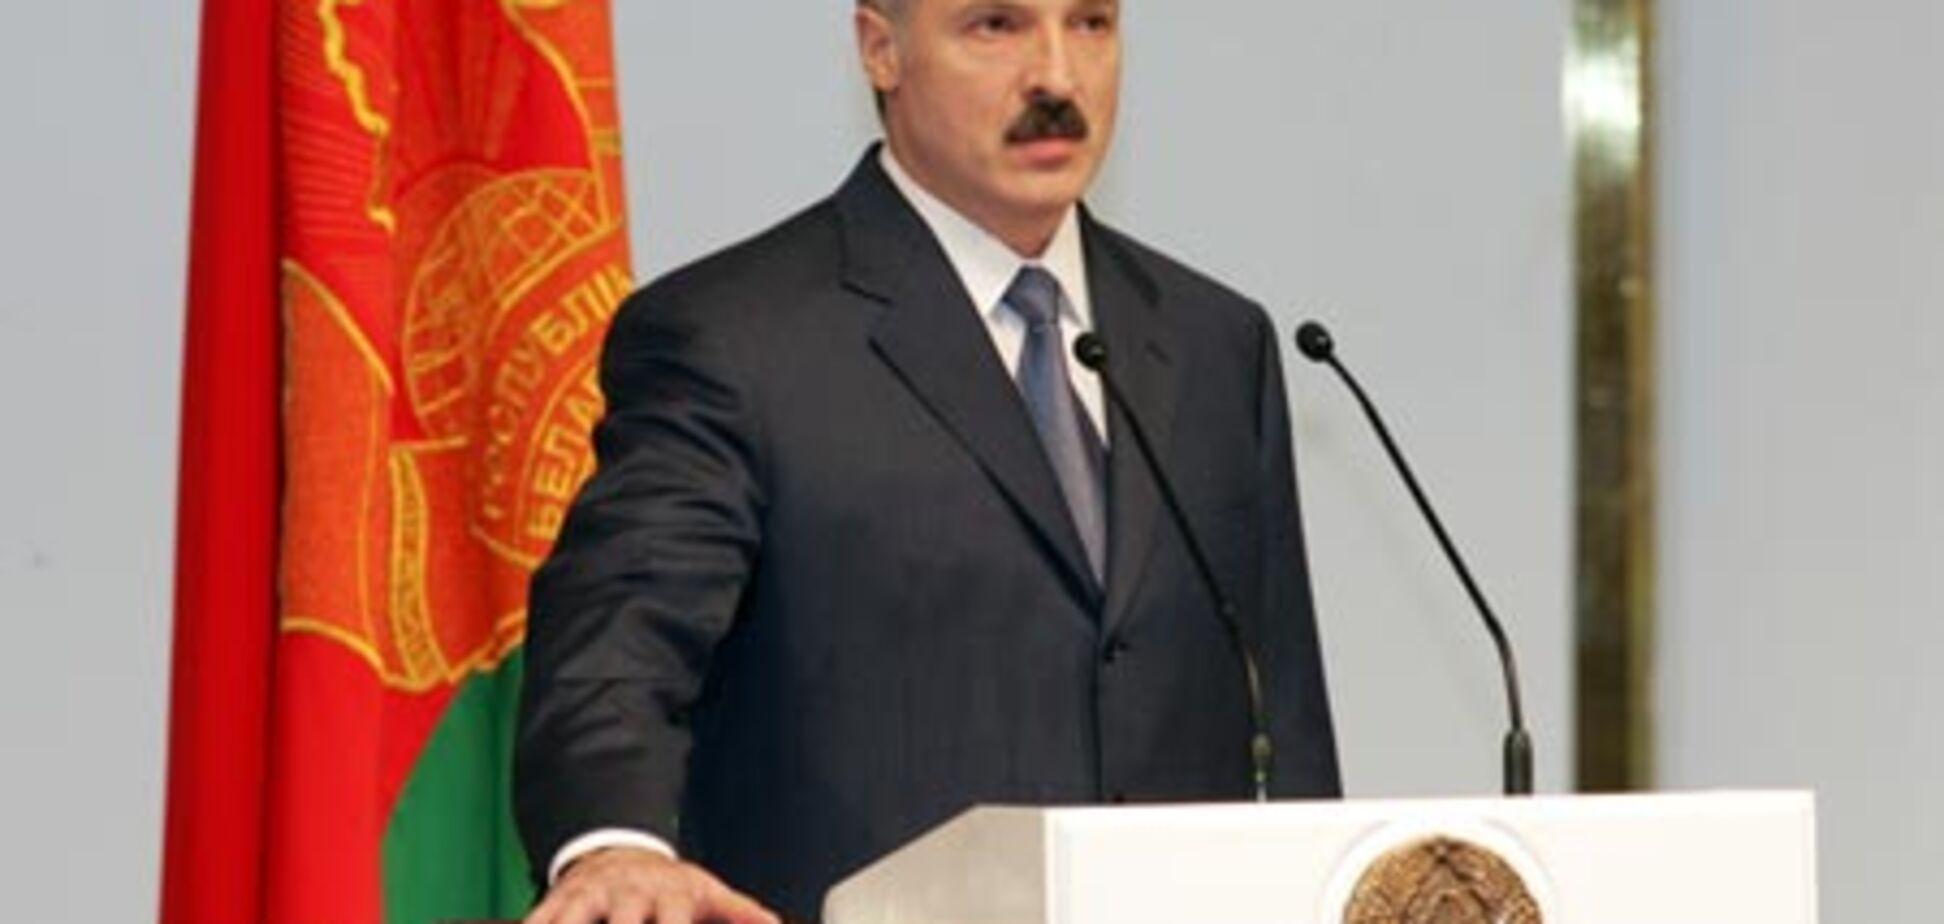 Названа дата інавгурації Лукашенка